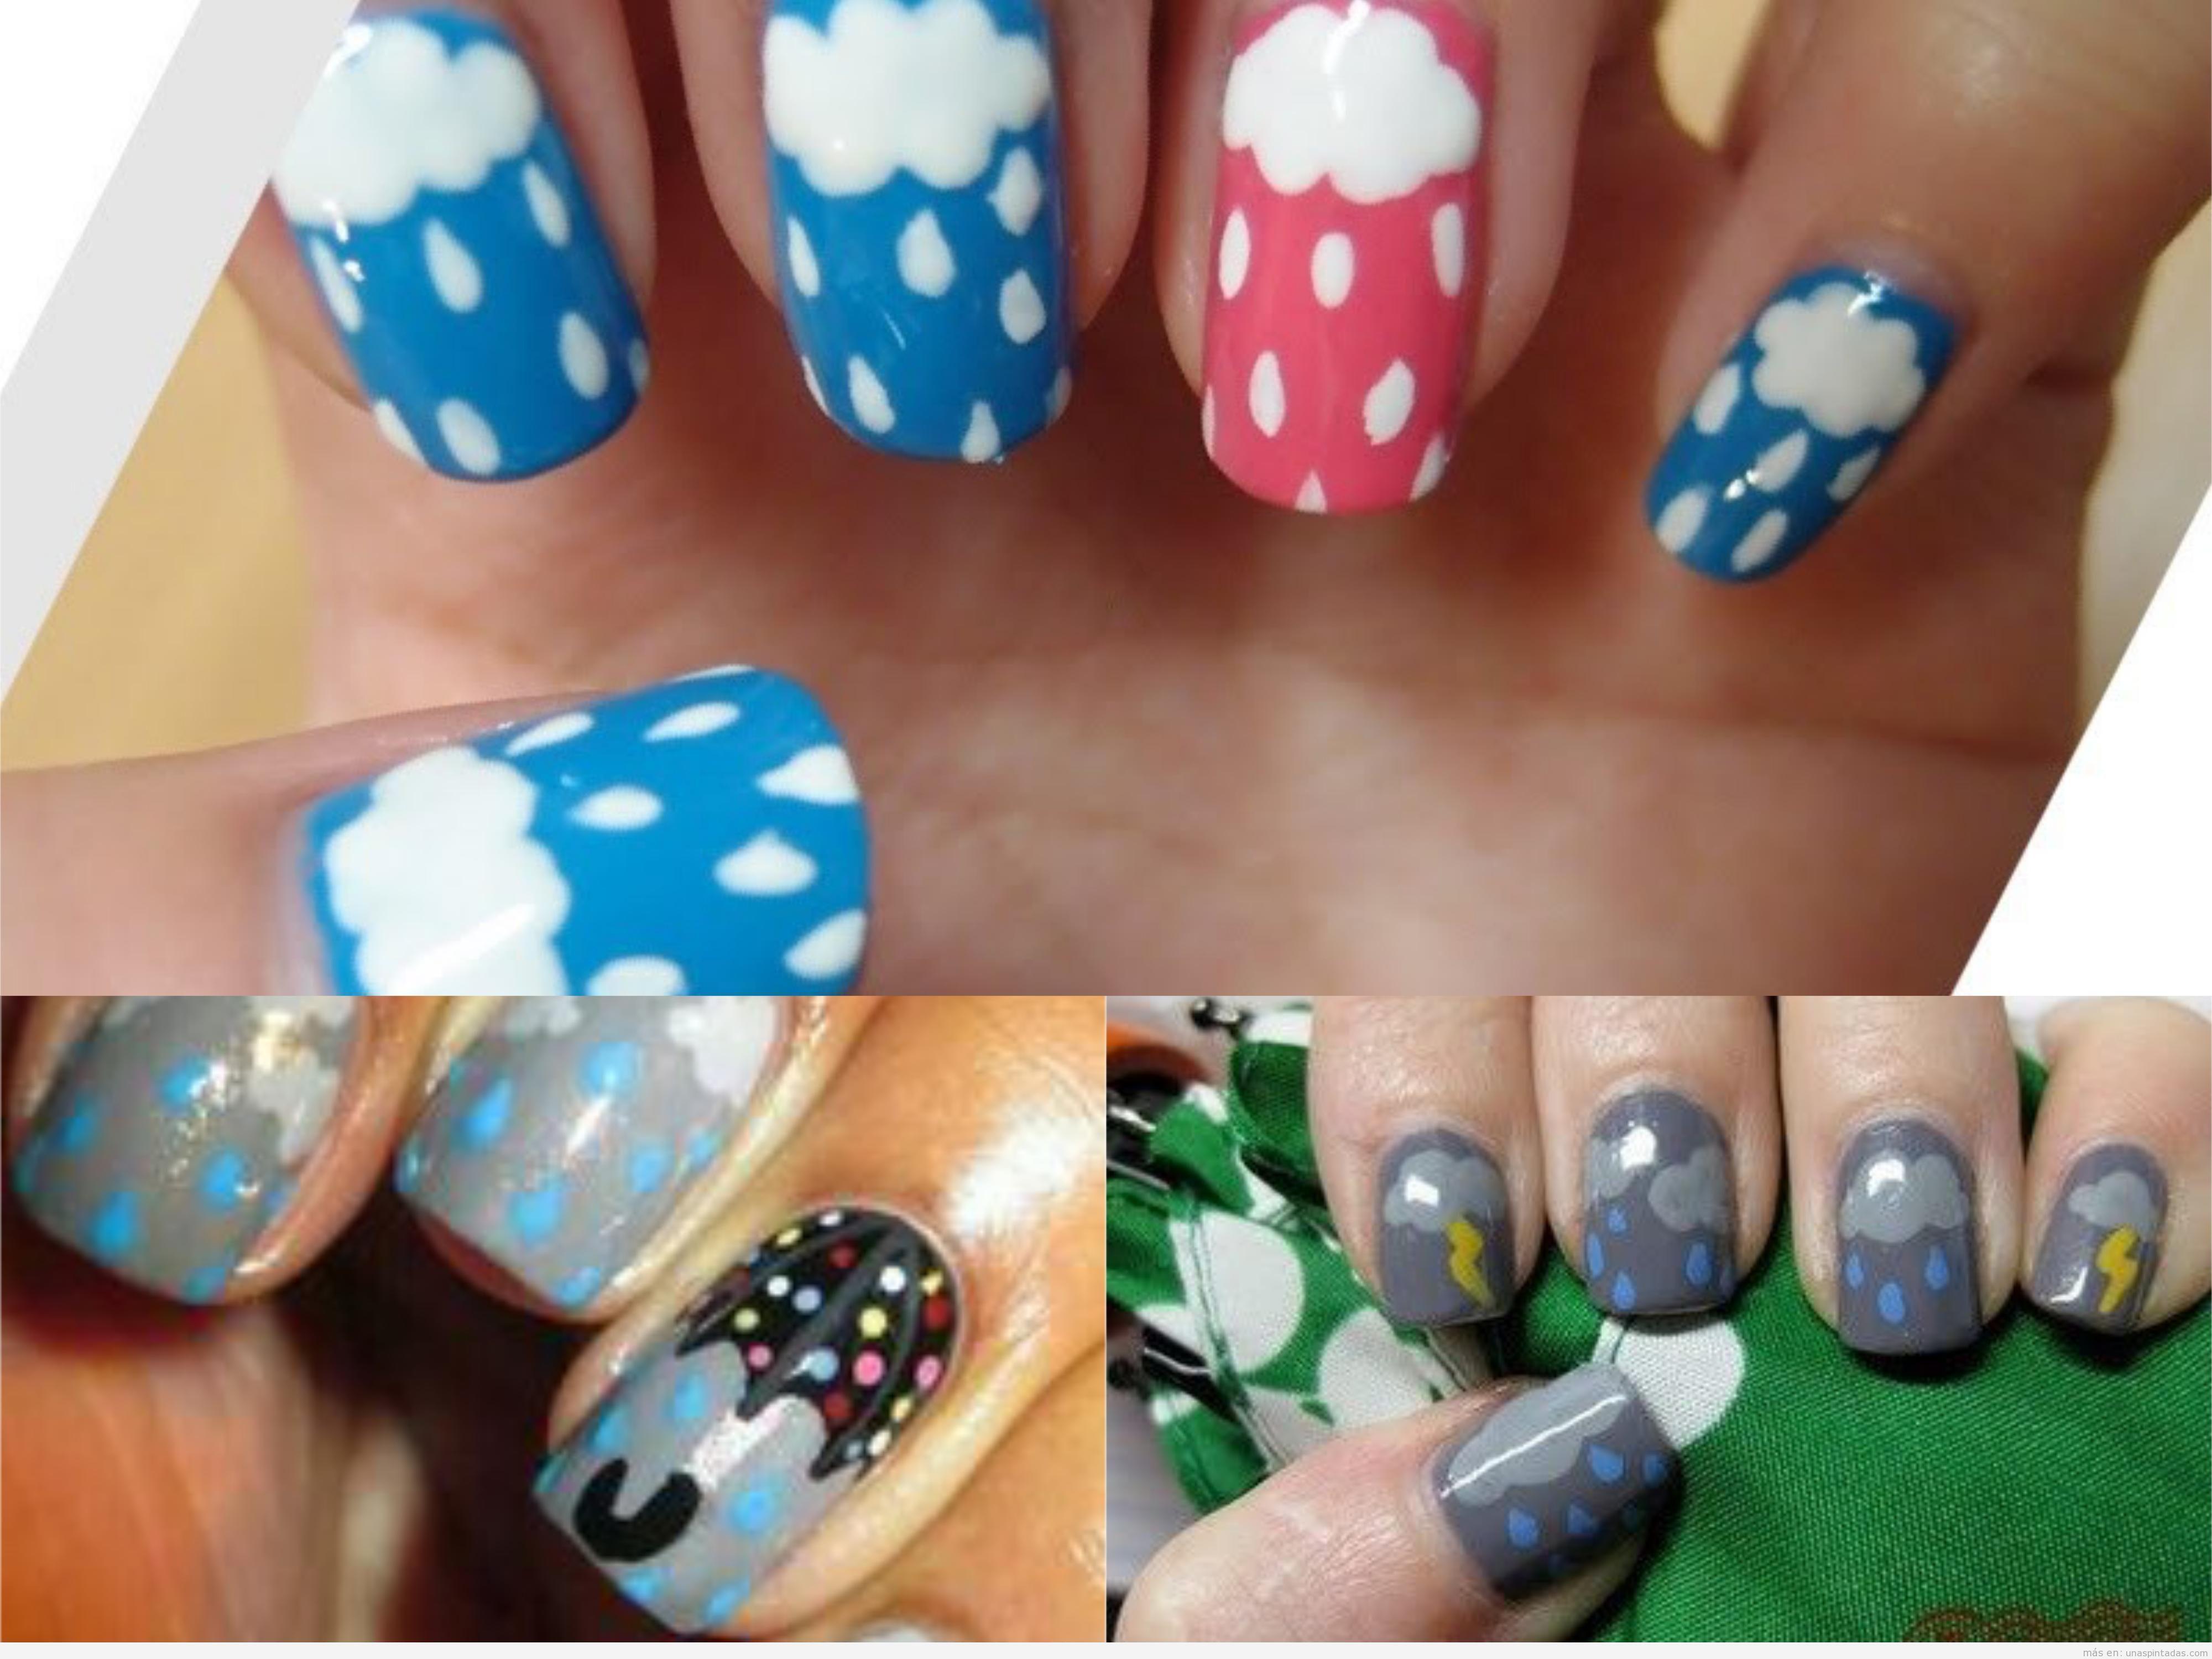 Decoraciones de uñas con nubes y gotas de lluvia